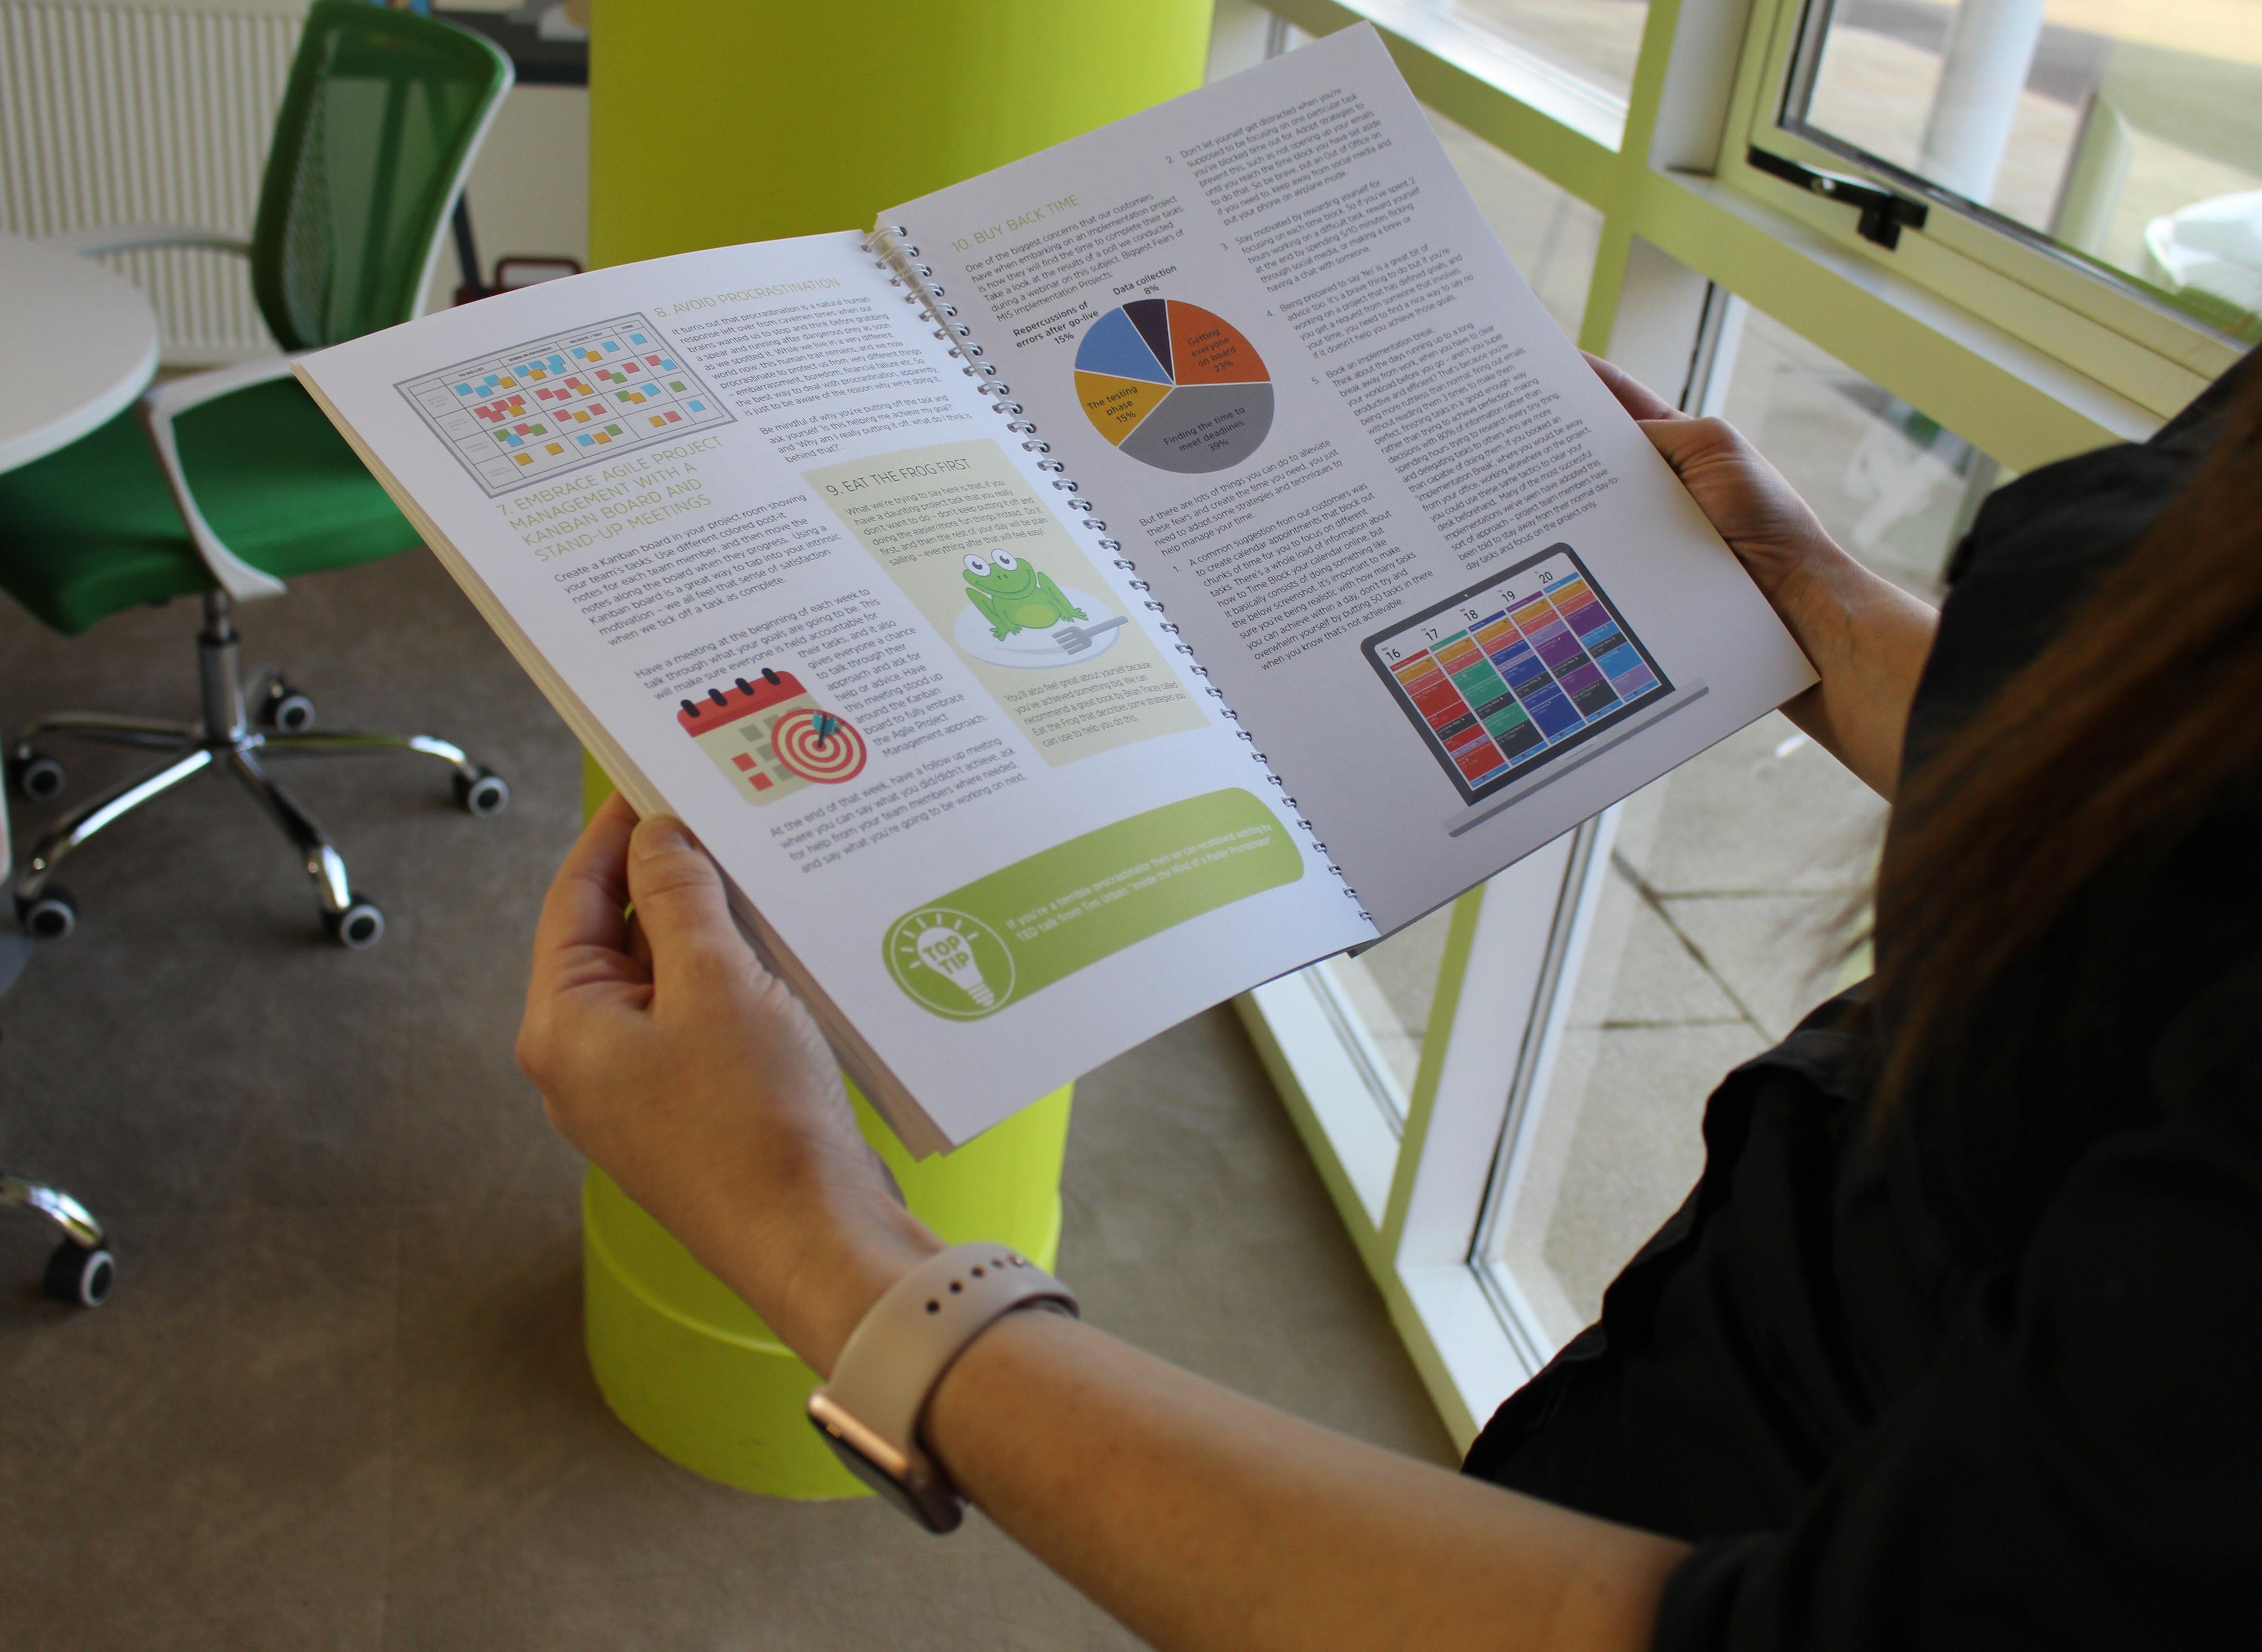 Implementation workbook - inside